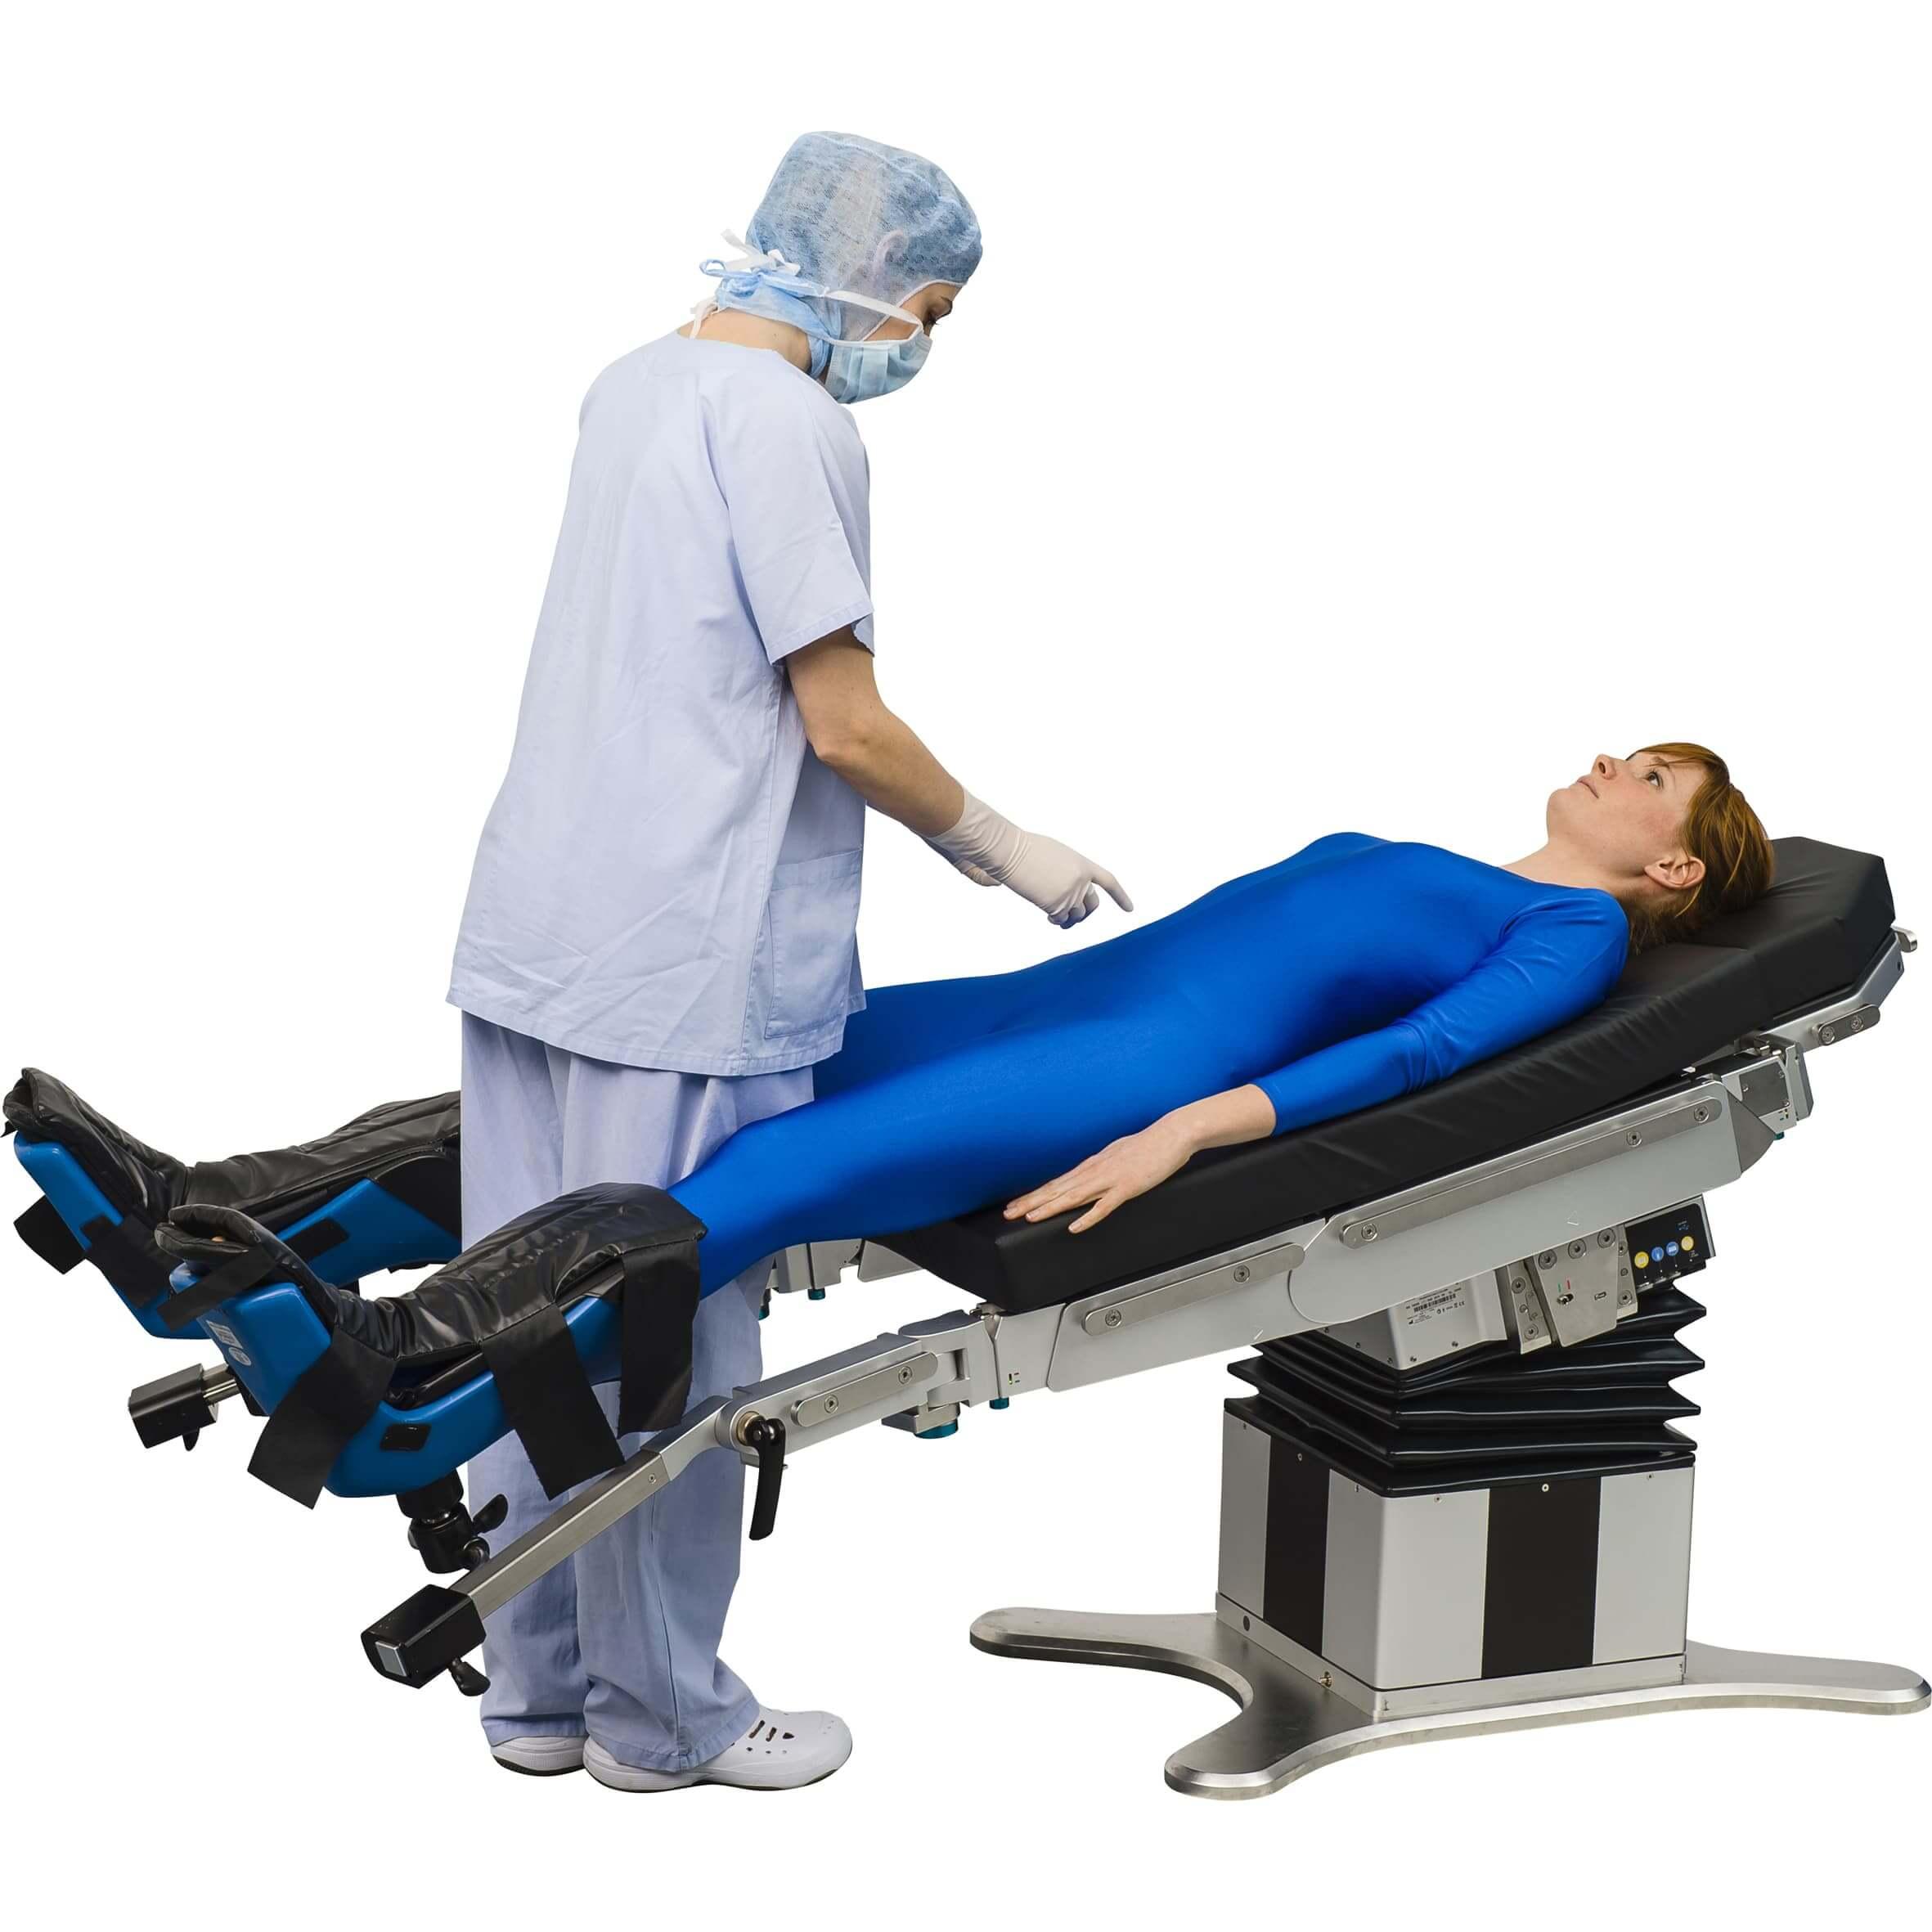 Операционный стол Абдоминальная хирургия